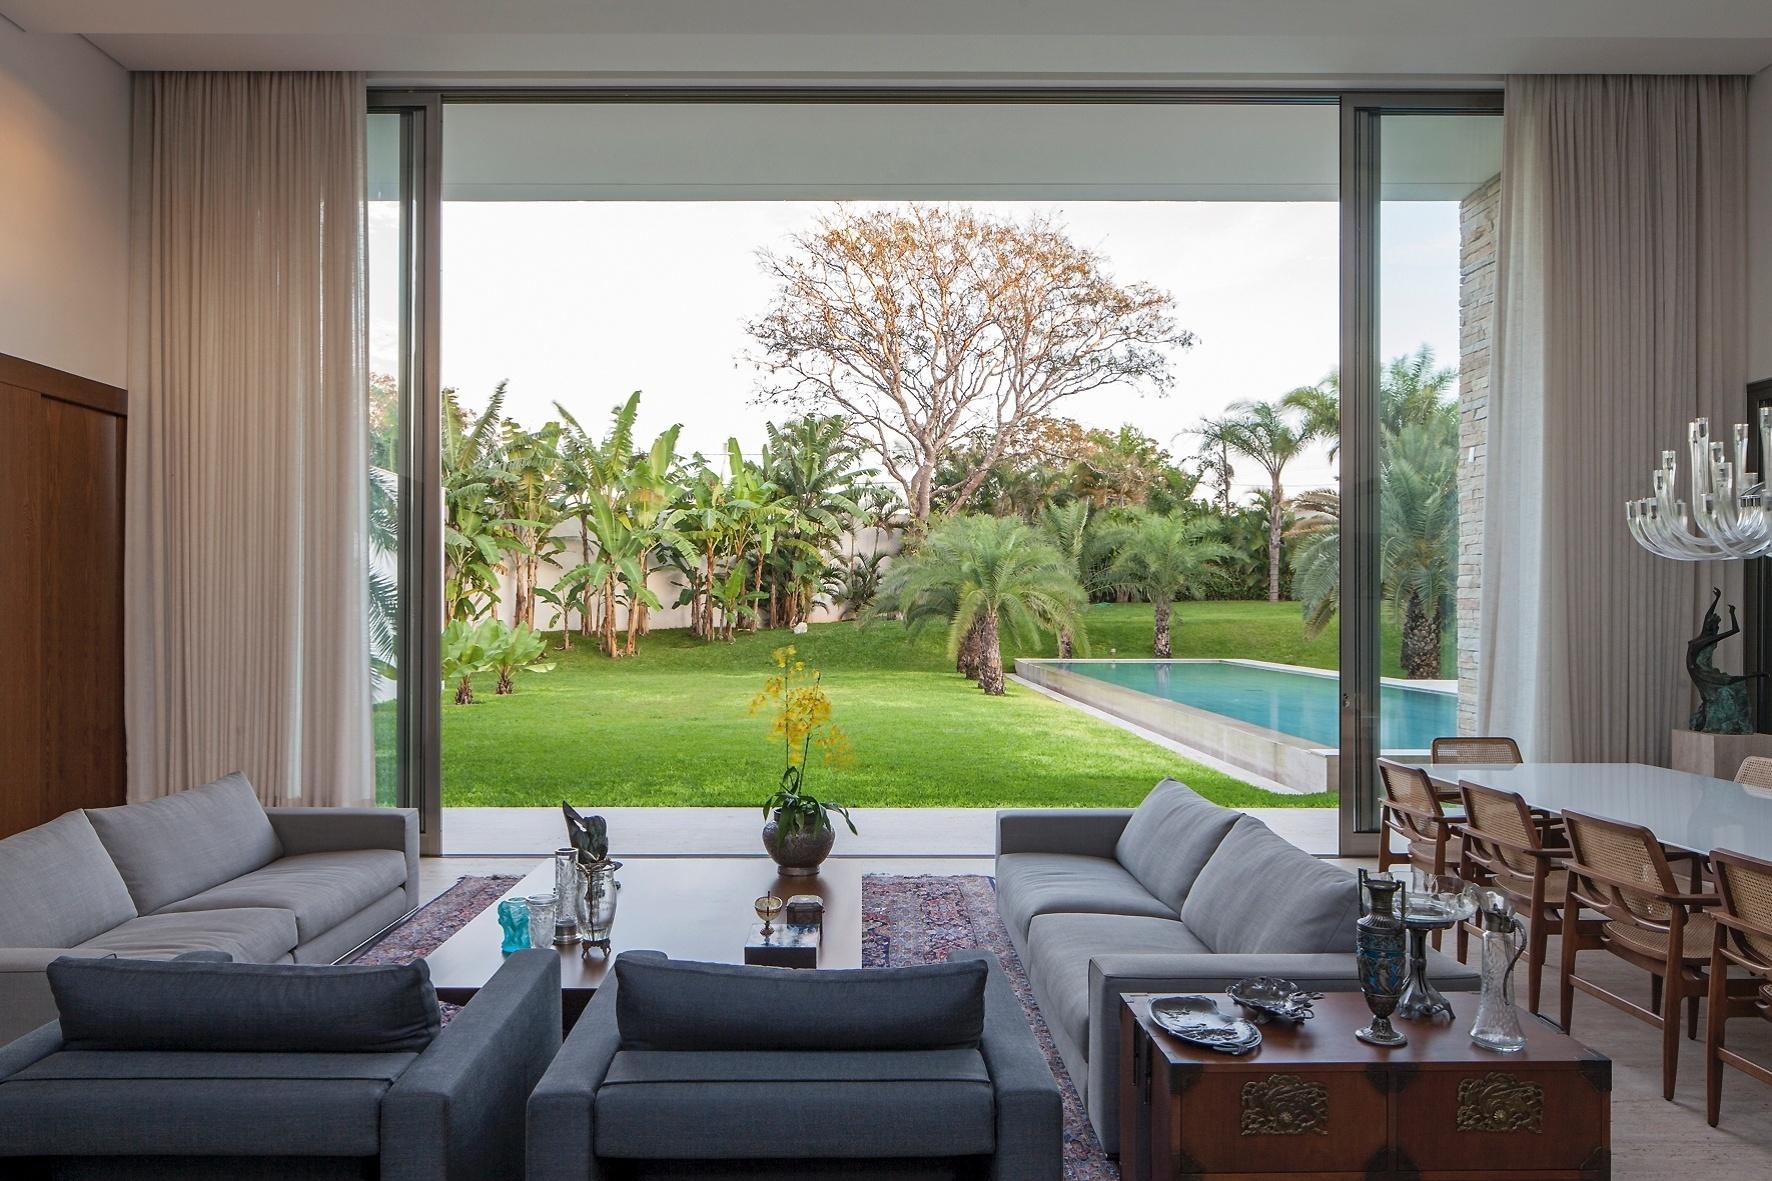 Com cores neutras e suaves, como o cinza, o estar possui atmosfera elegante e tranquila. Aberto para o exterior, o espaço tem vista para a piscina, o jardim com gramado e o pomar com árvores frutíferas